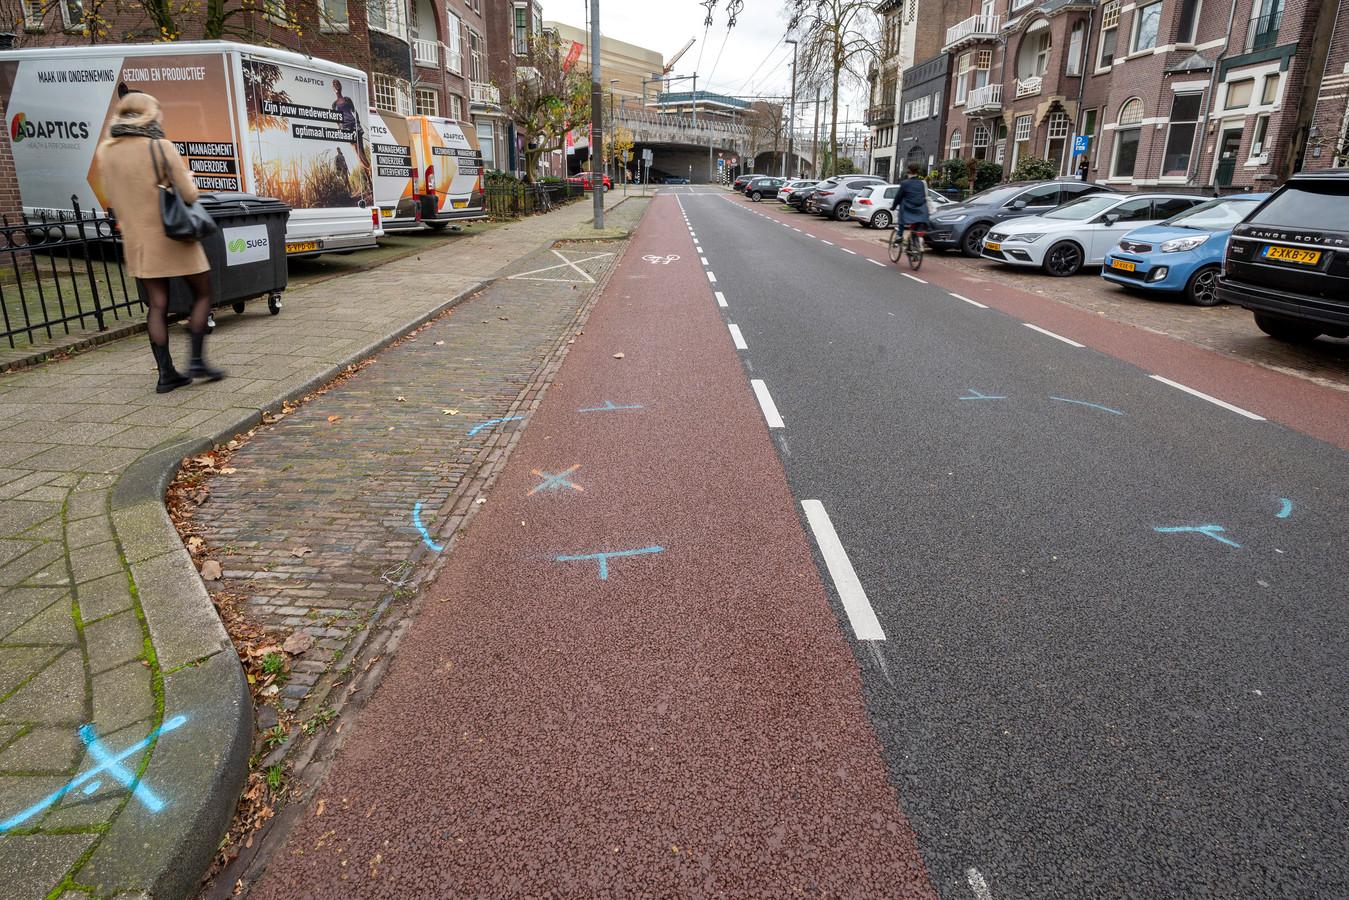 In de Cronjéstraat zijn de sporen nog te zien van het onderzoek naar de schietpartij waarbij een man uit het Gelderse Laren werd gedood.